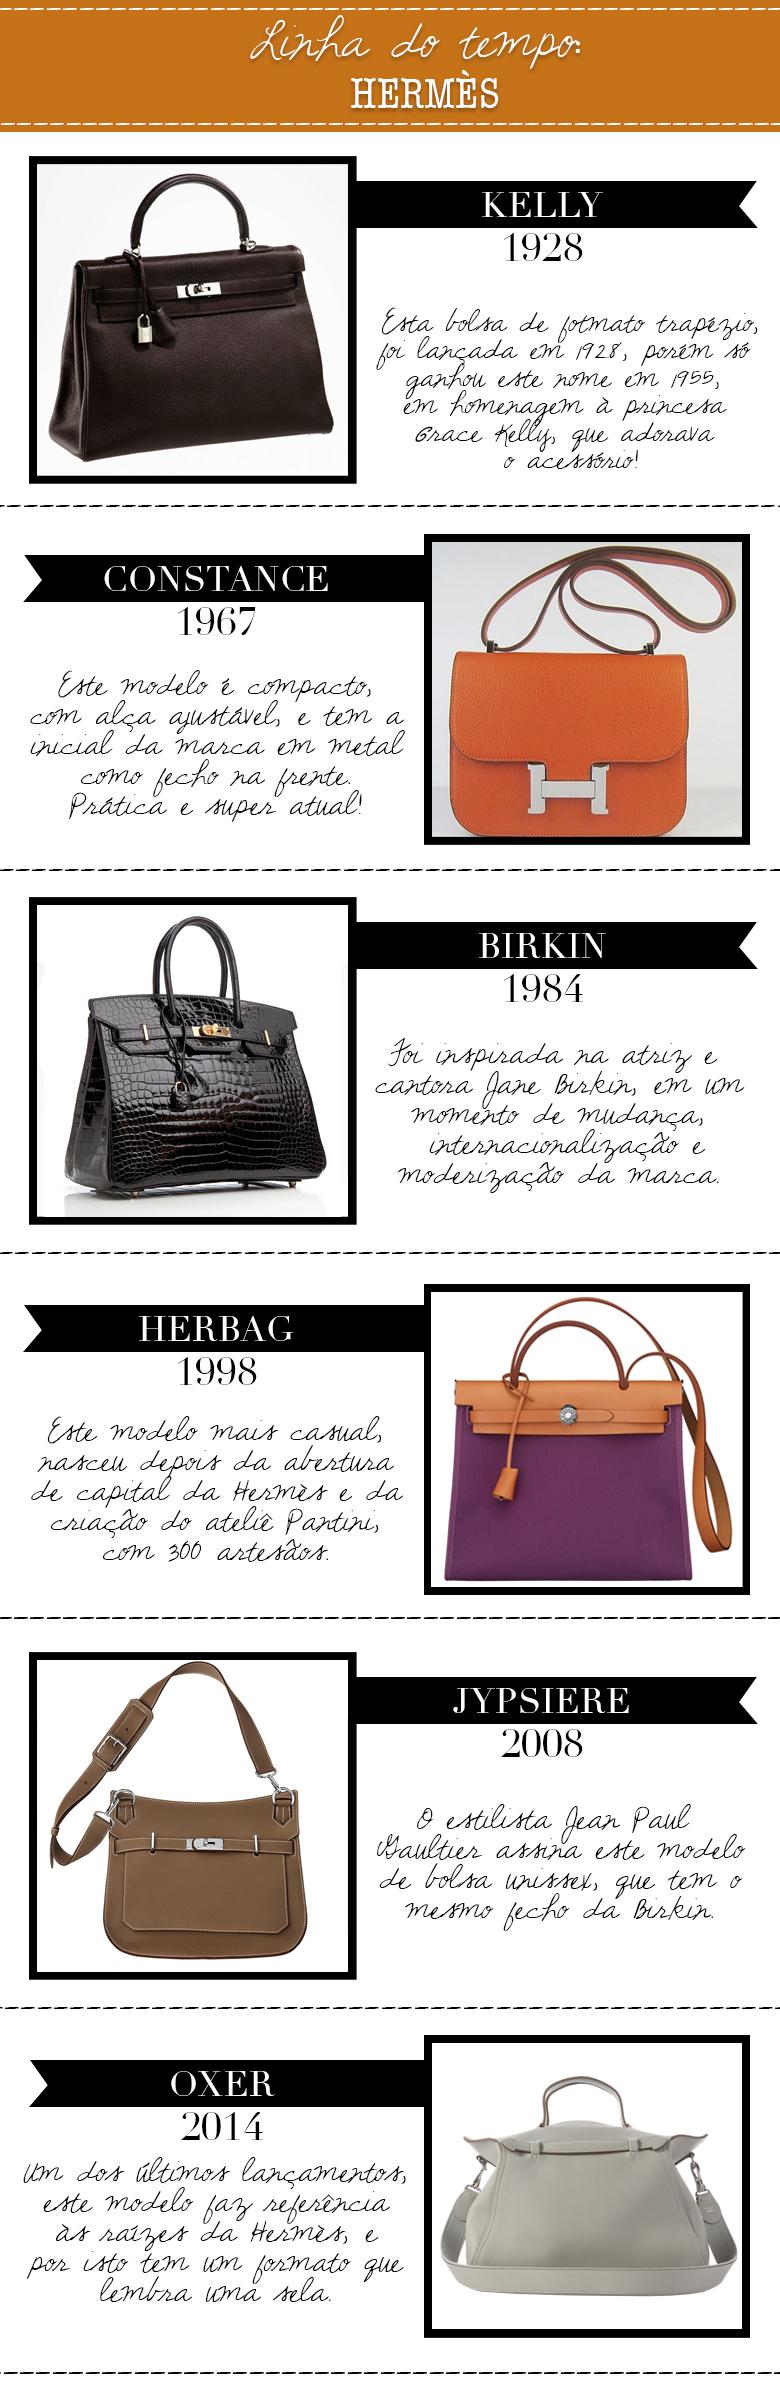 d0a7a24e8d1 Linha do tempo Hermès  A história dos modelos de bolsa icônicos da Hermès